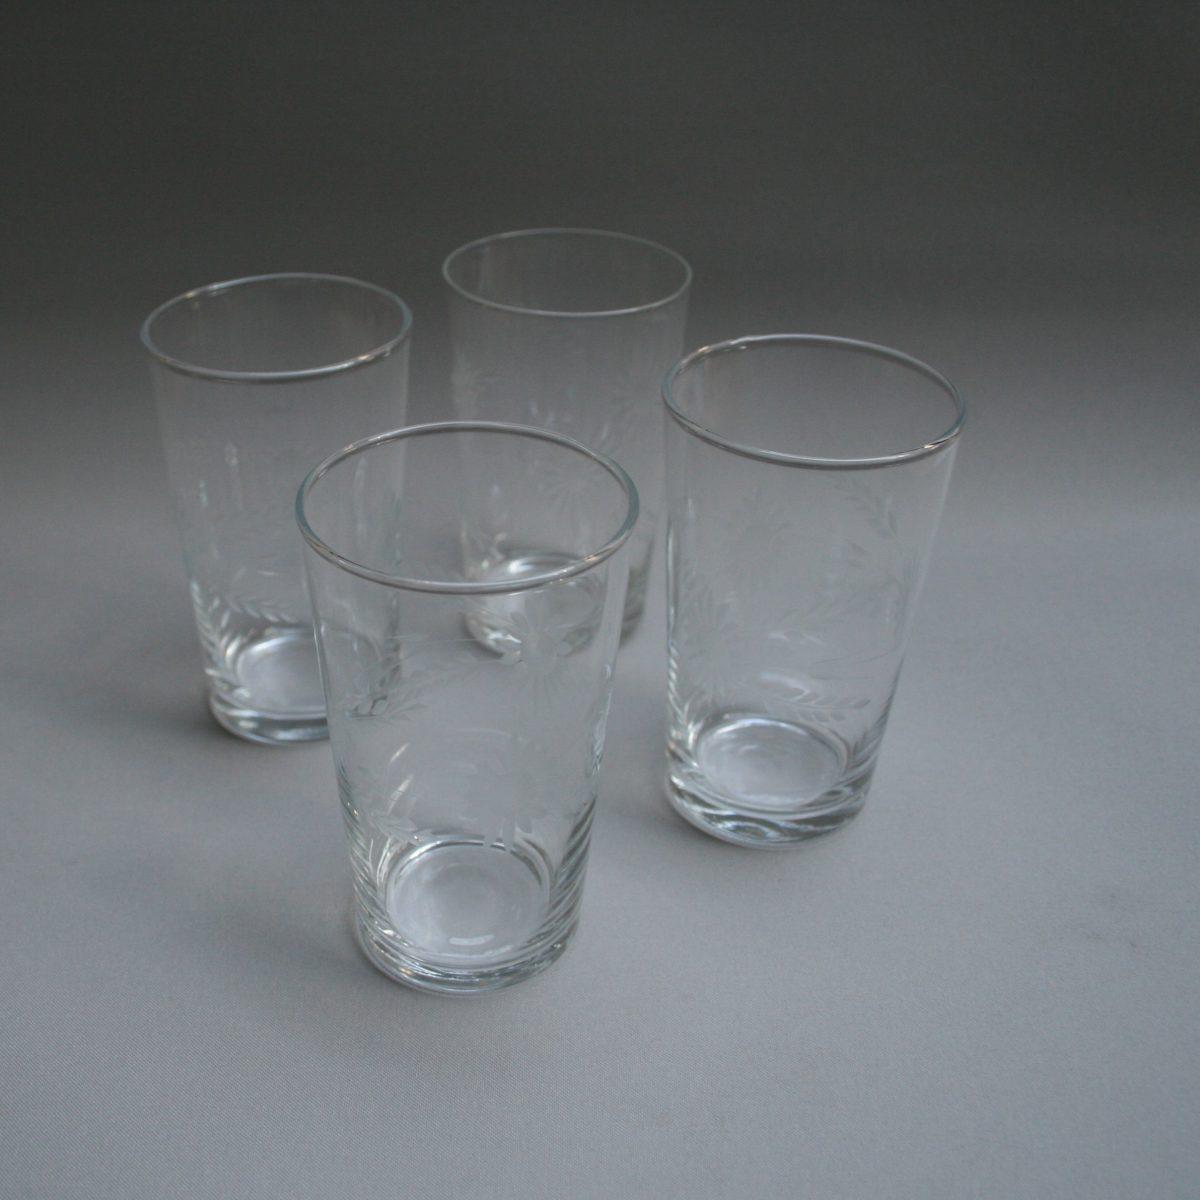 set of four cut glass tumblers